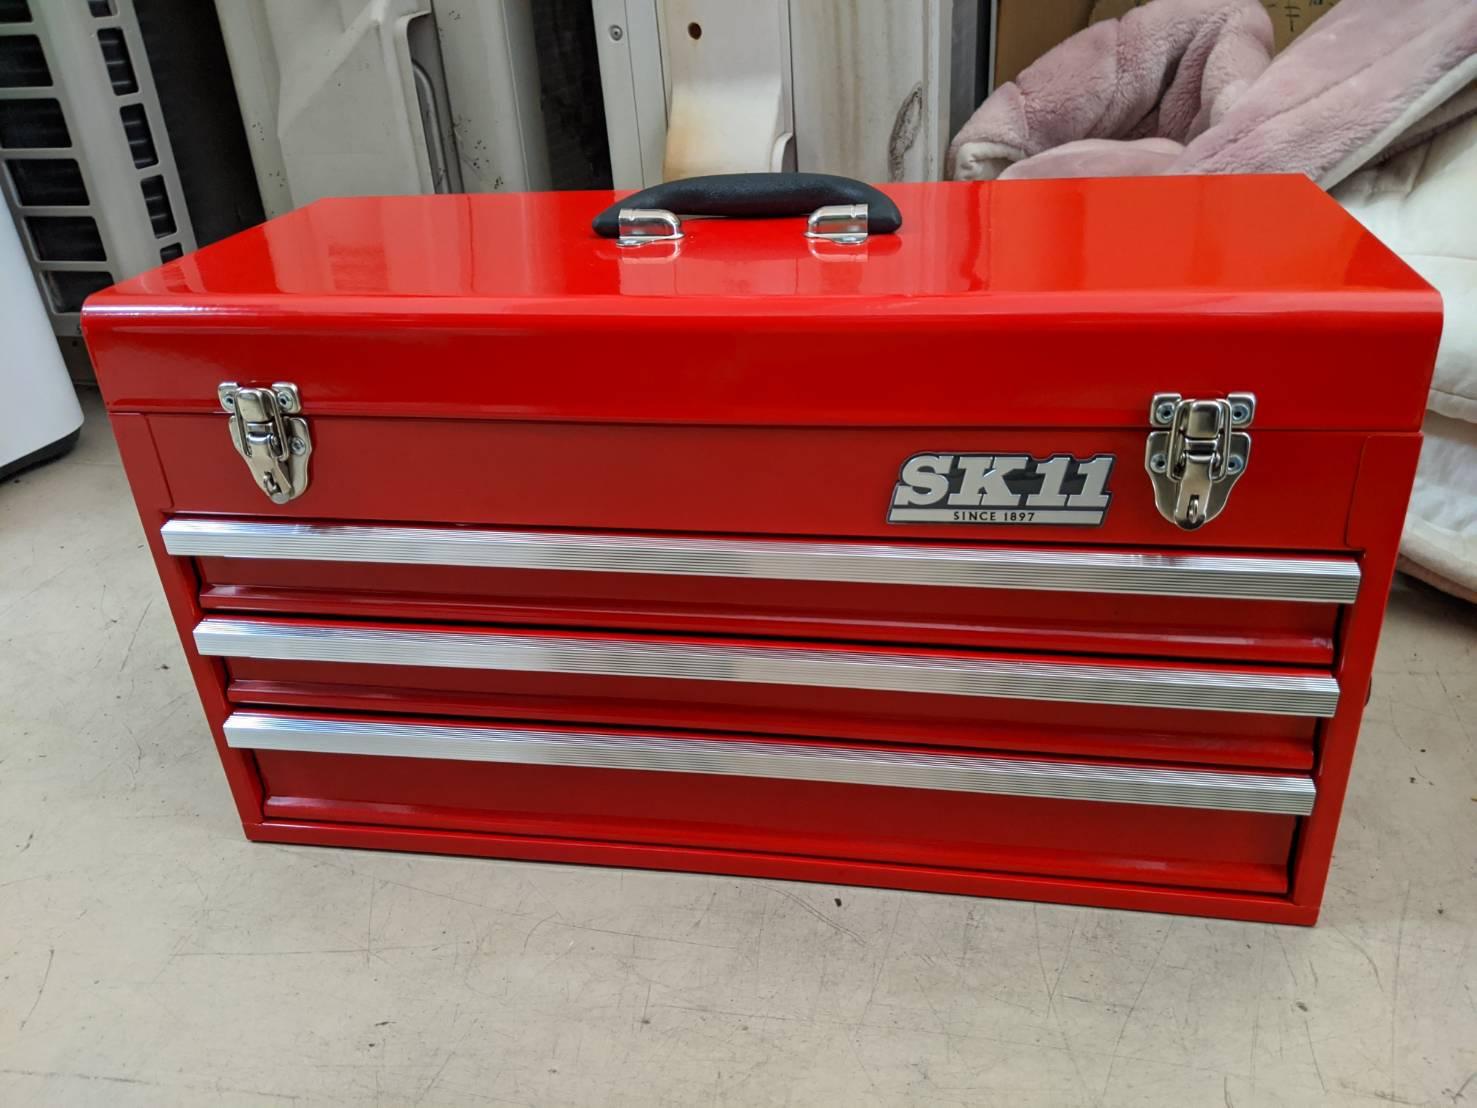 【SK11/エスケー11  整備工具セット ツールボックス  133点組 レッド  SST-16133RE】を買取致しました。の買取-